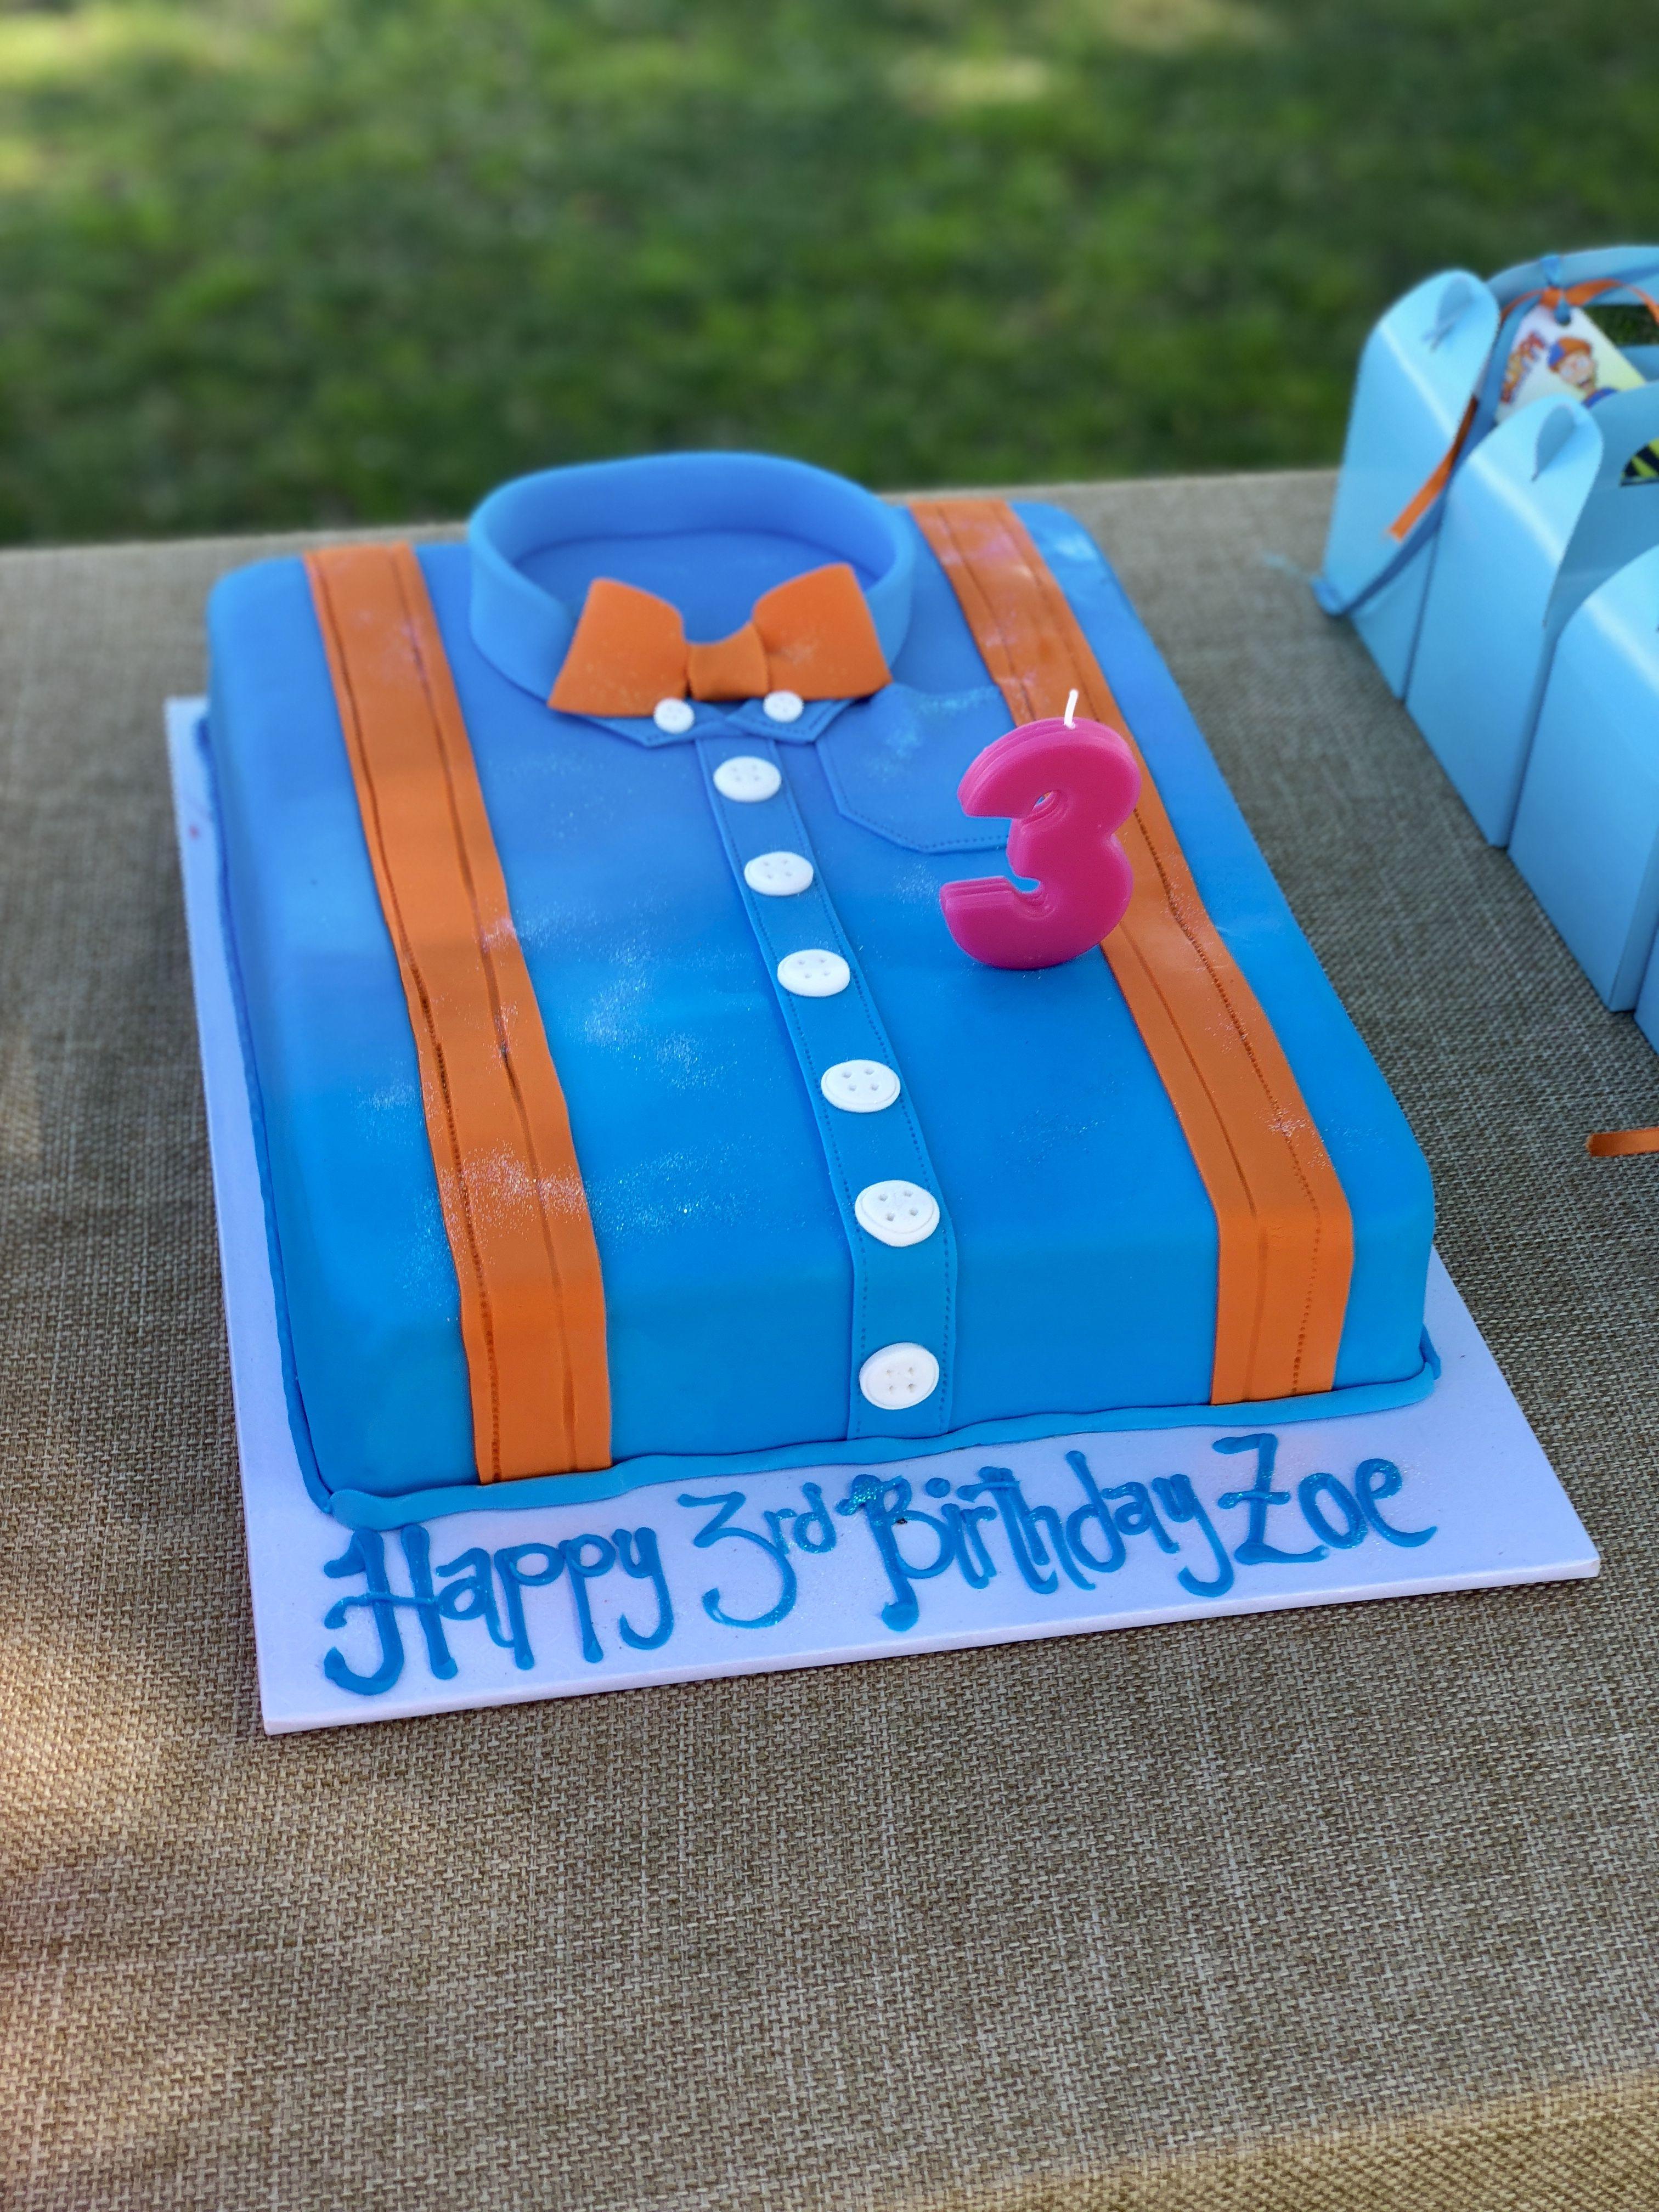 36+ Blippi birthday cake images trends